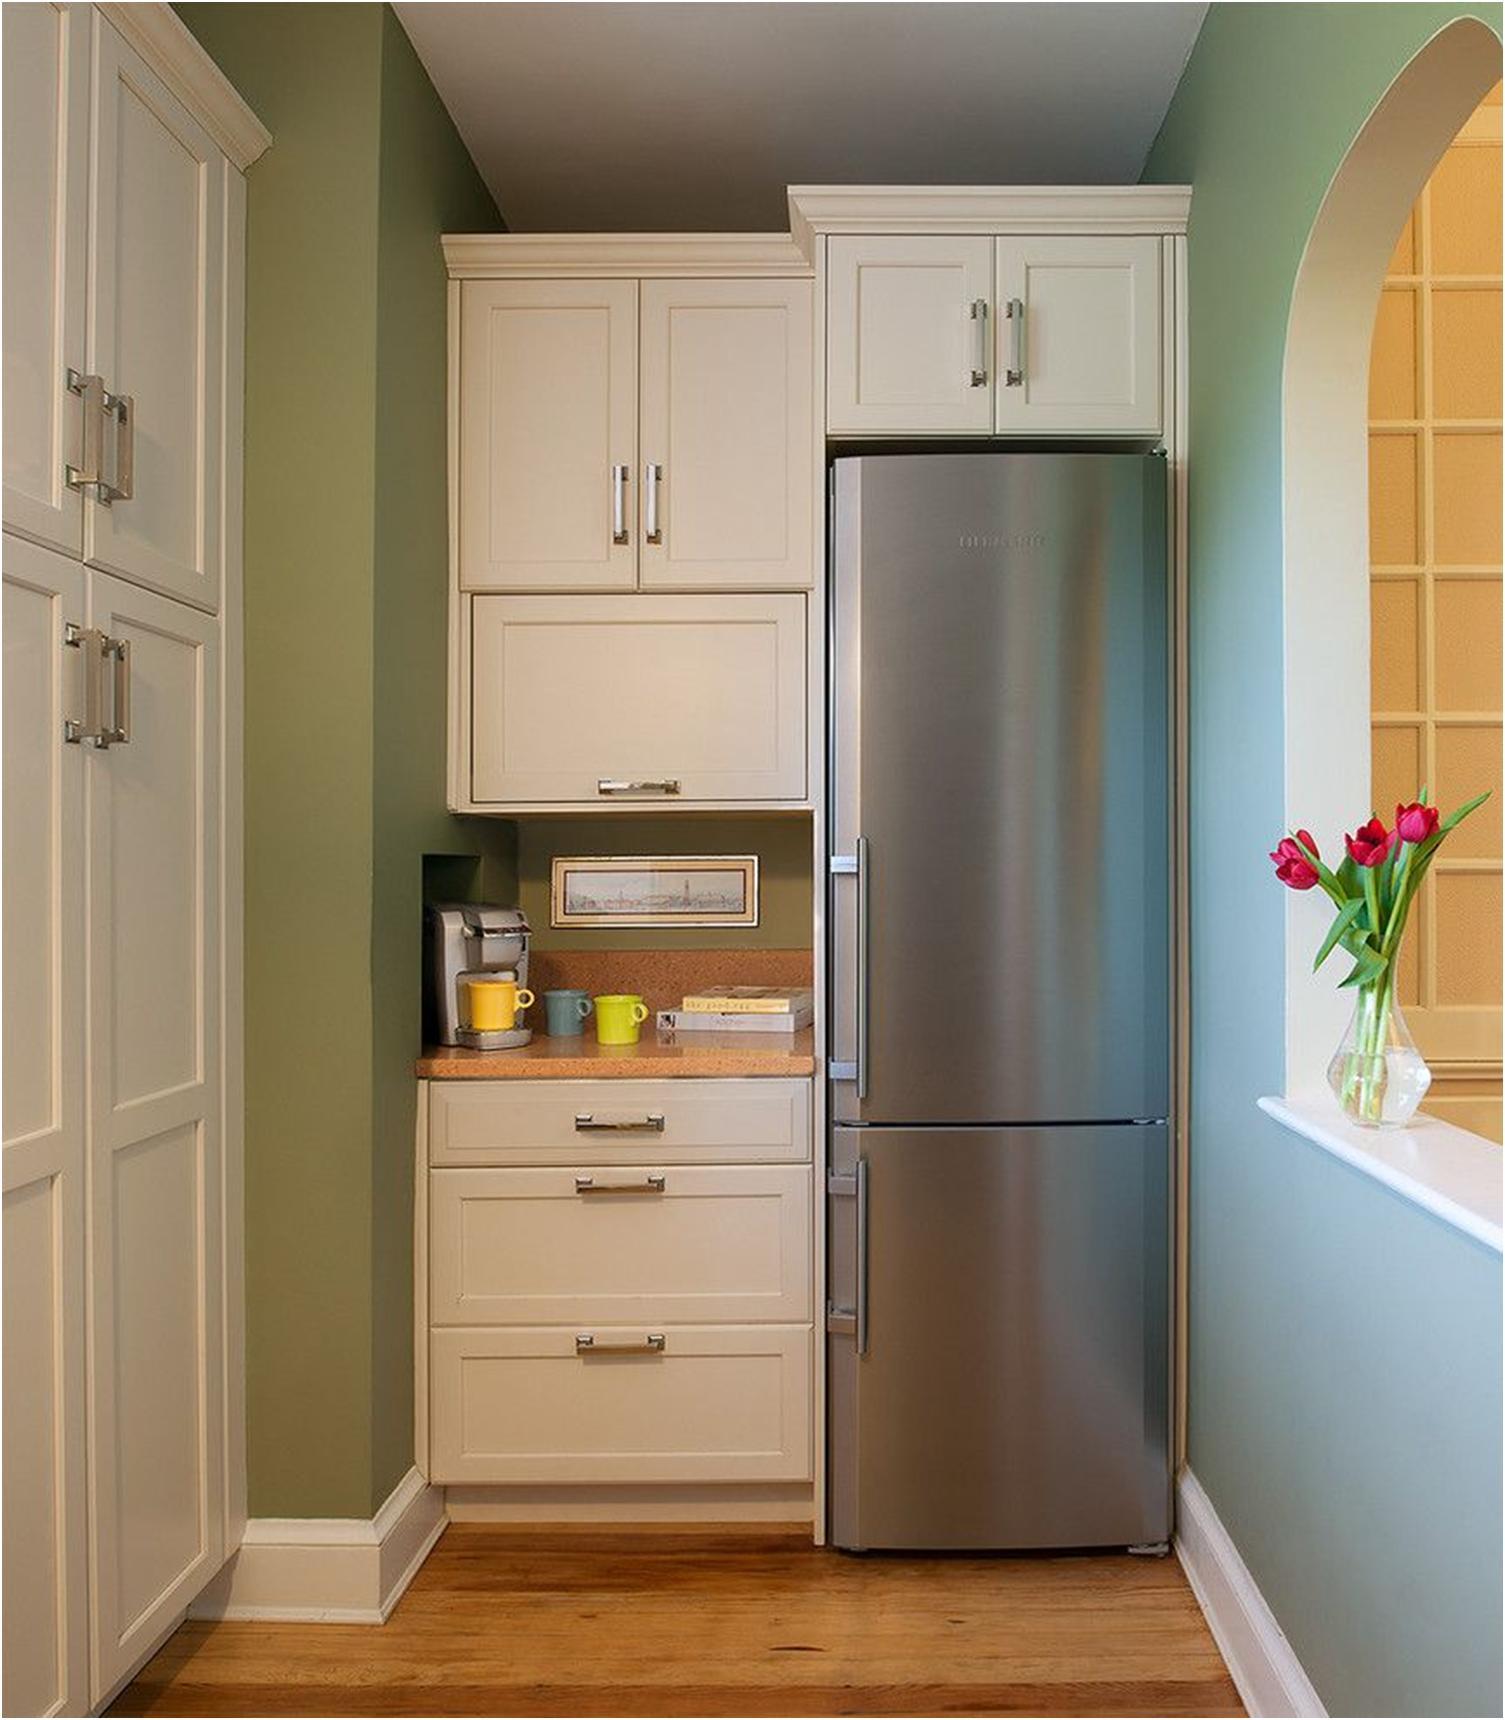 Холодильник на кухне (46 фото): выбираем правильное место.